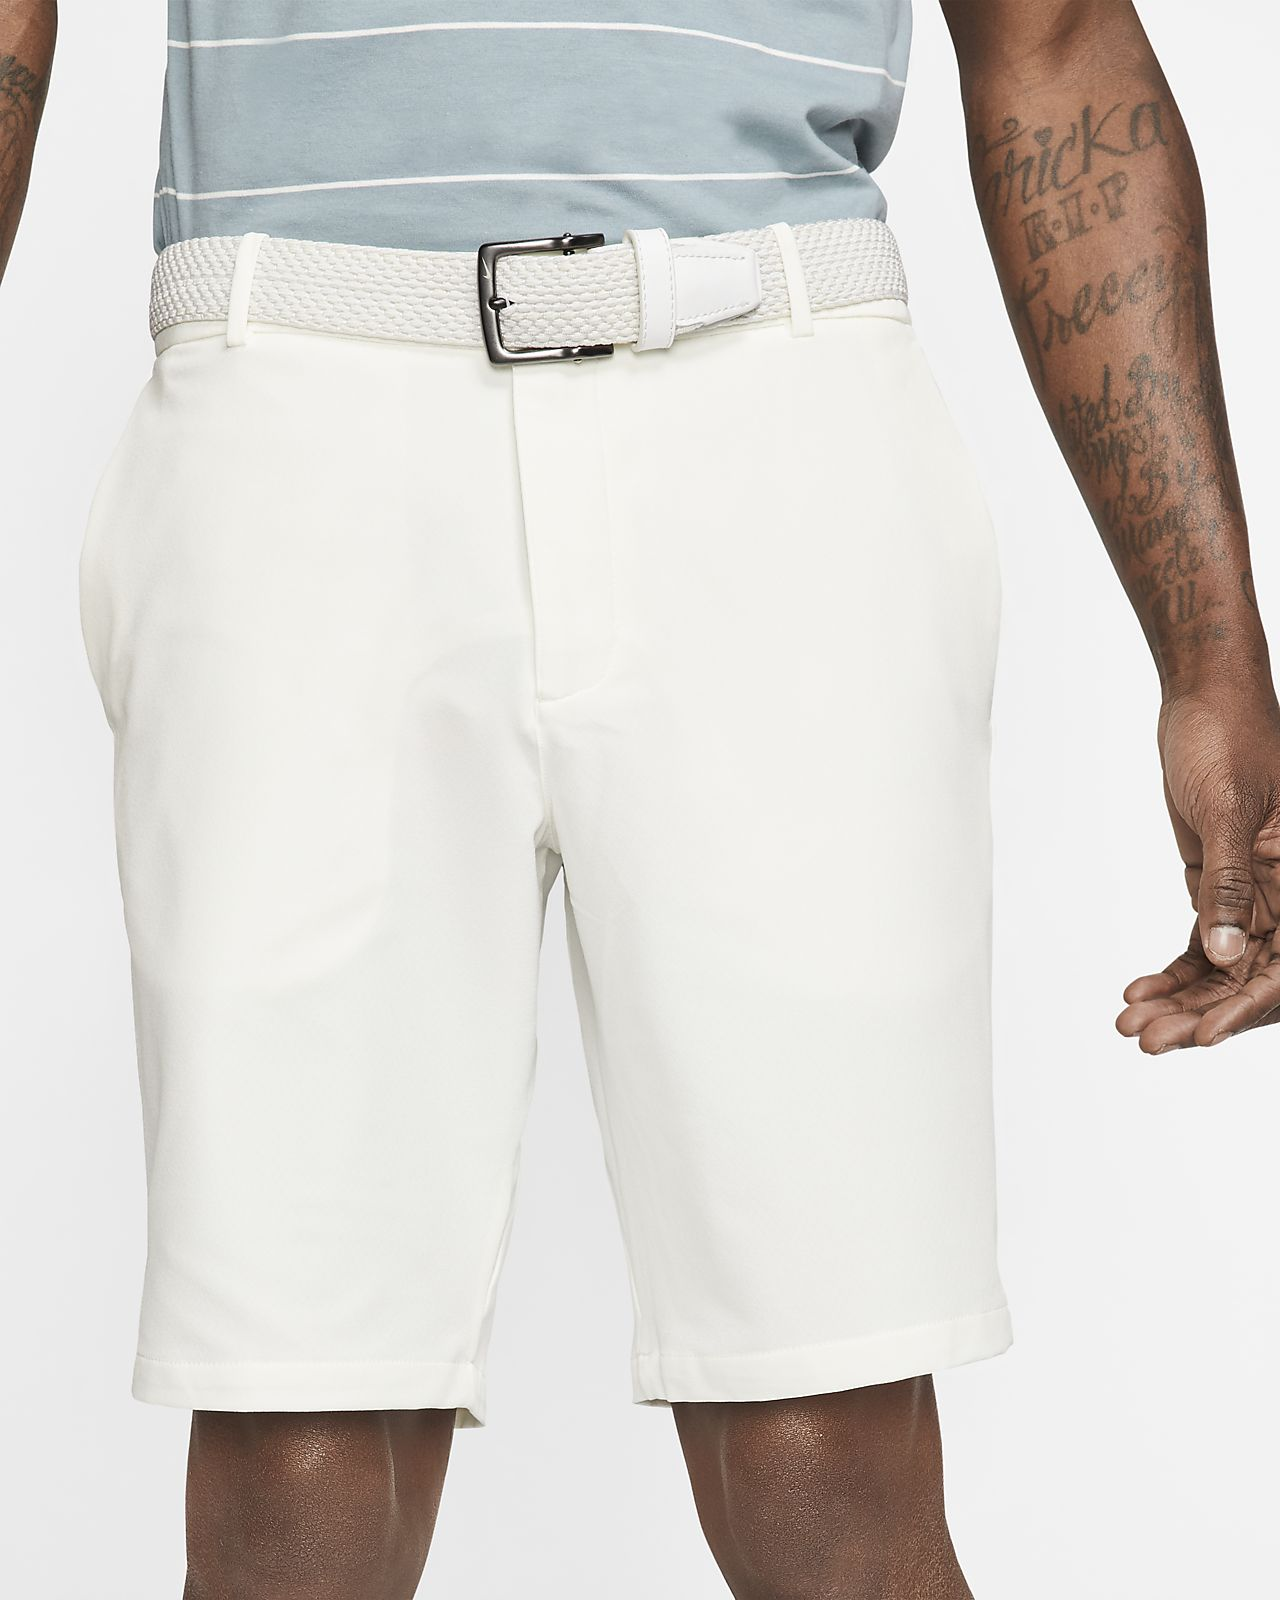 Nike Flex Pantalons curts amb ajust entallat de golf - Home